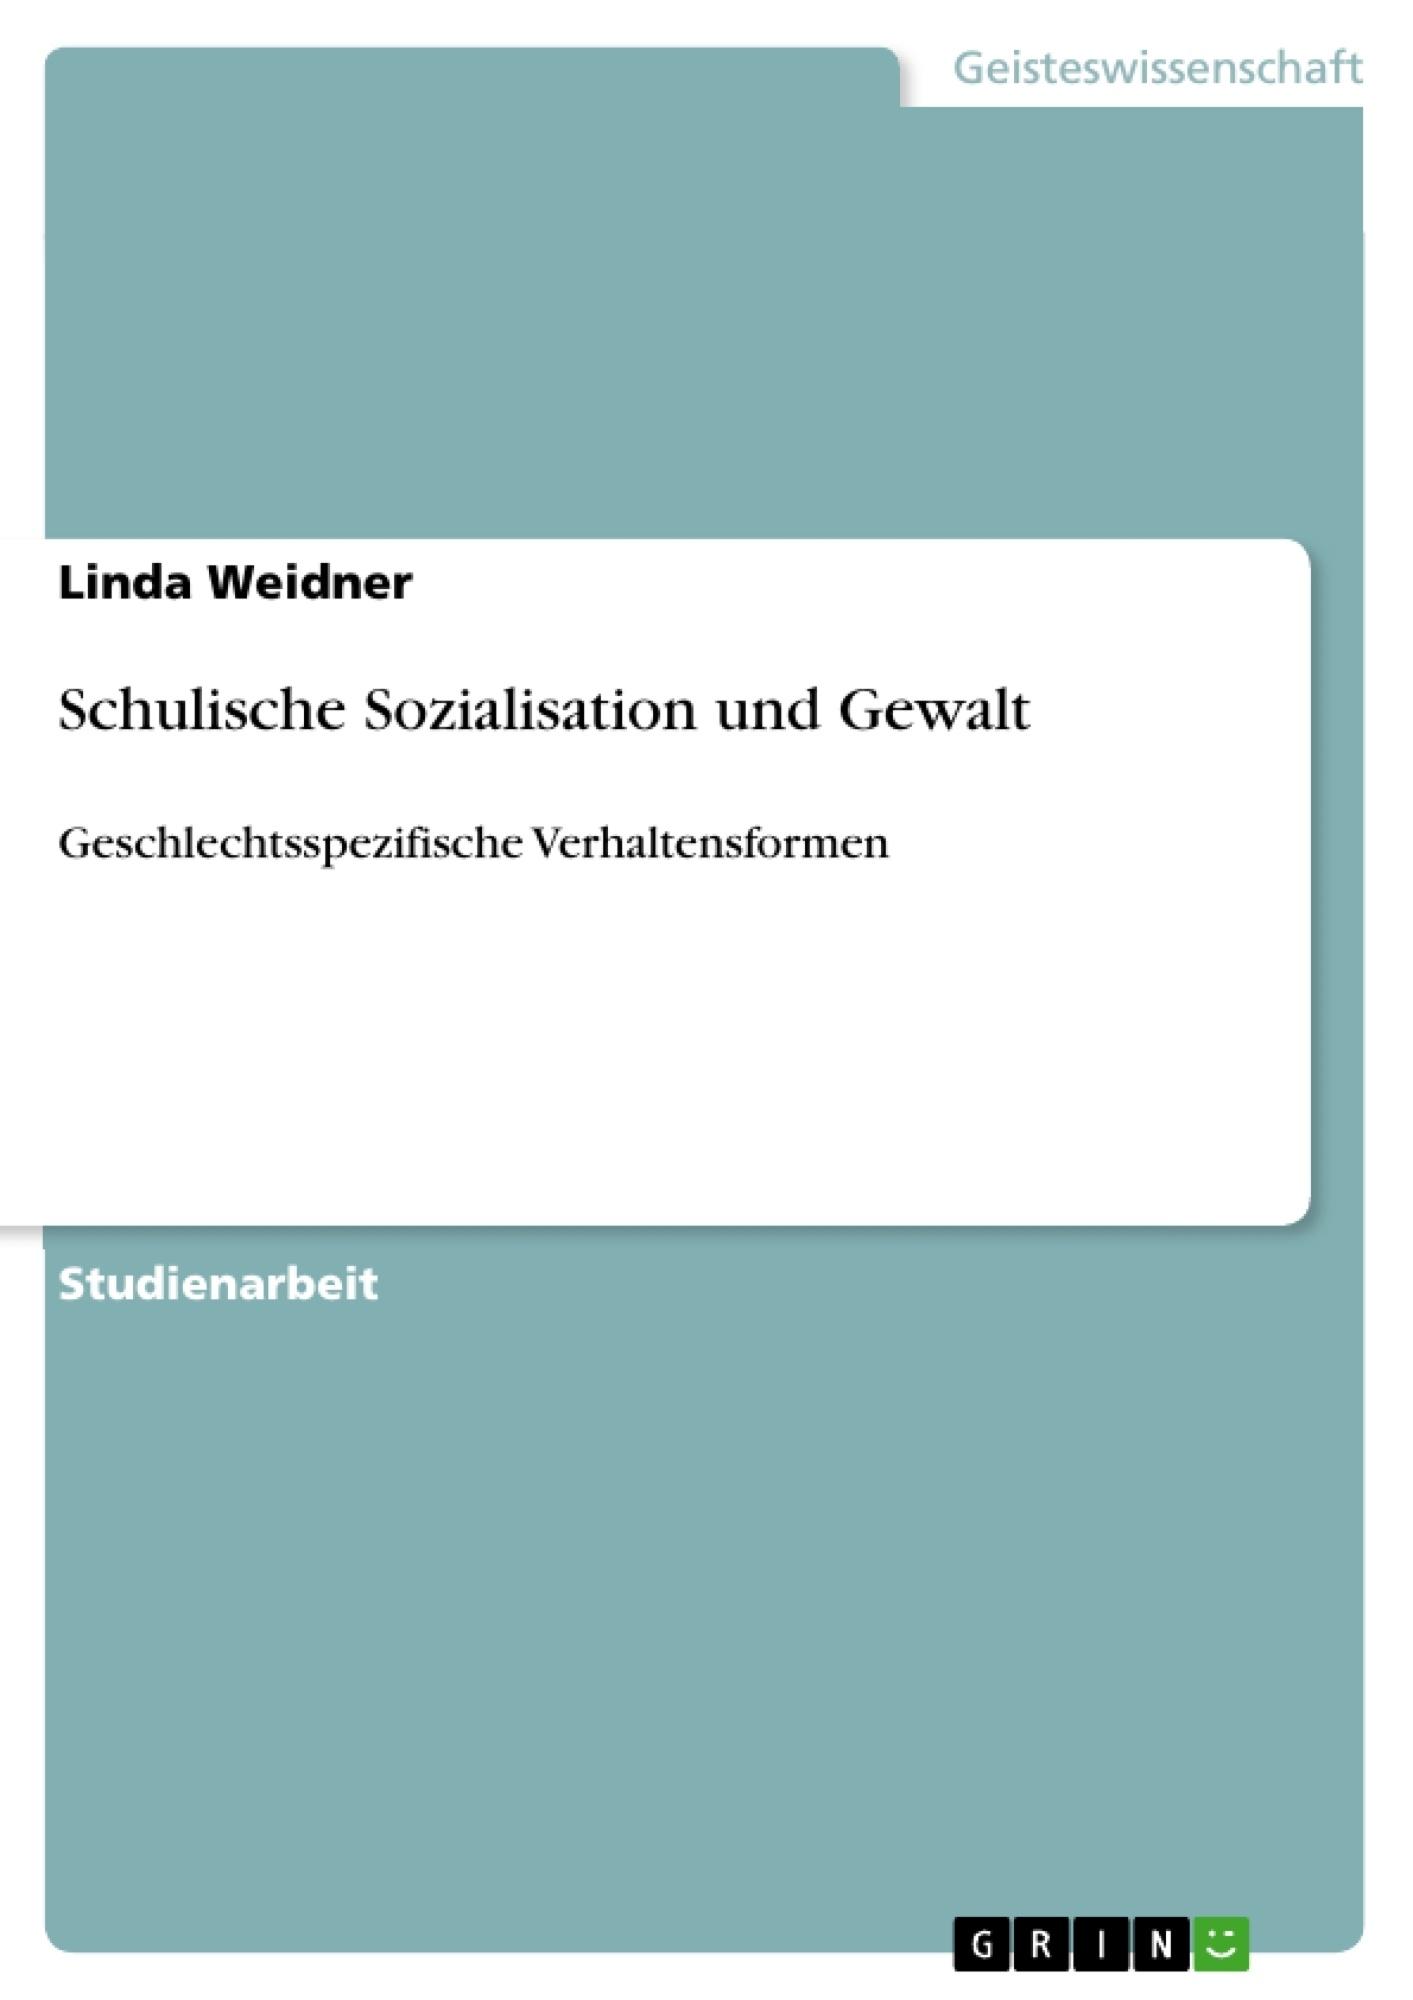 Titel: Schulische Sozialisation und Gewalt